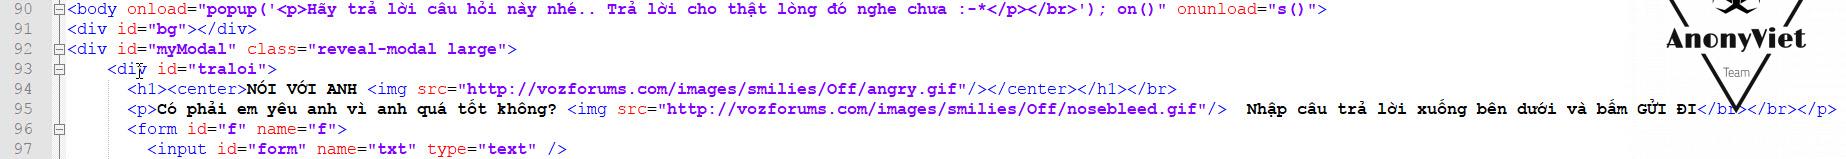 Code Website Tỏ Tình chắc chắn thành công 100% 26